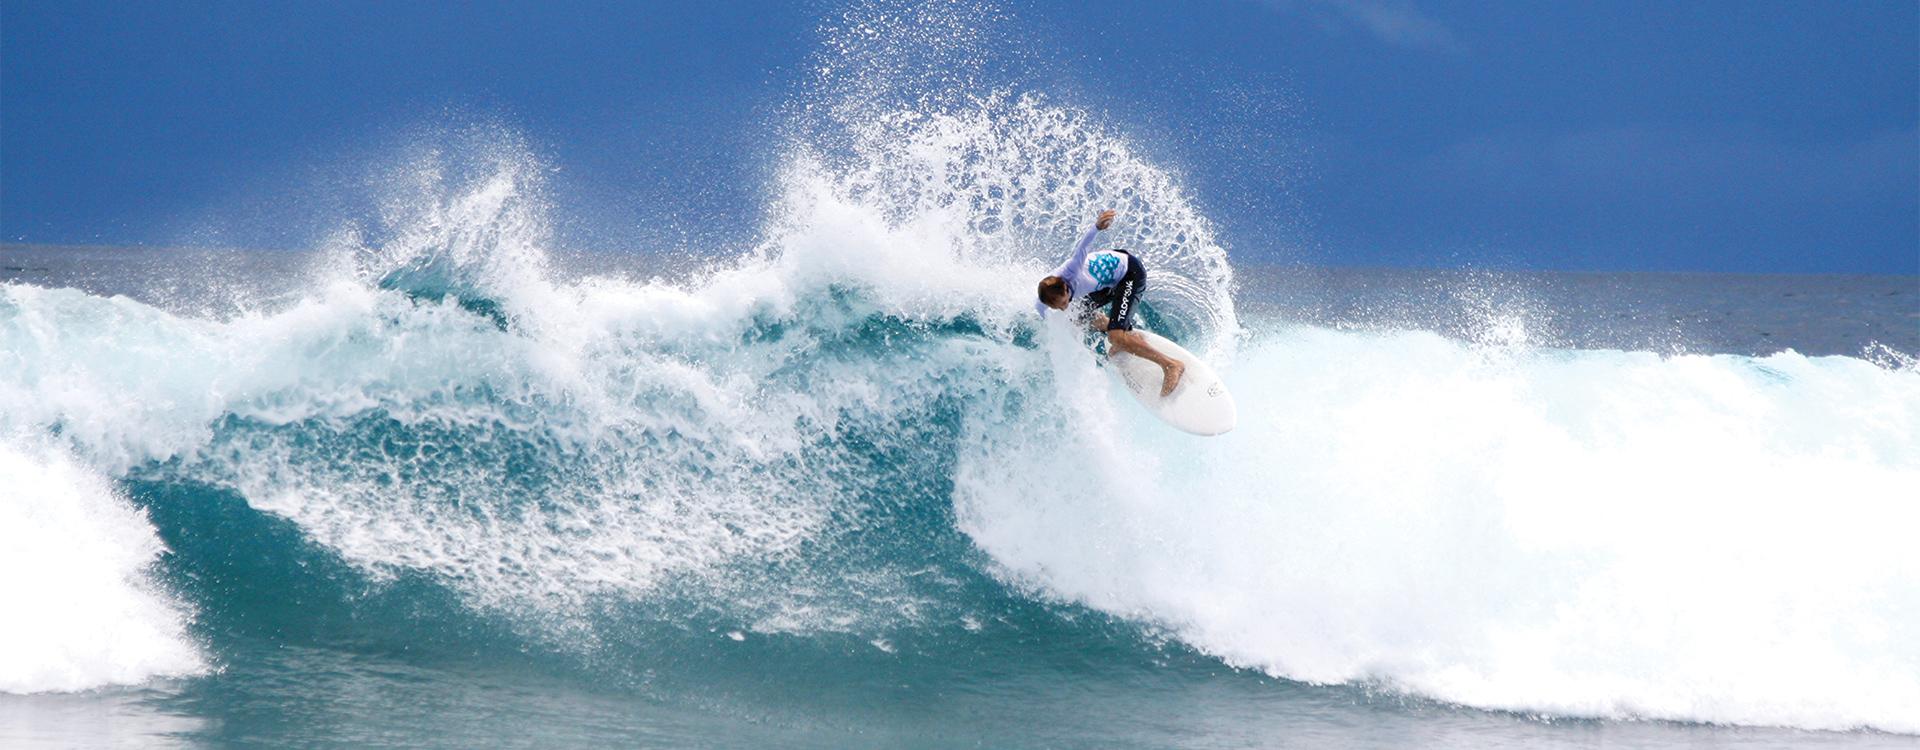 Seaplane Surfing